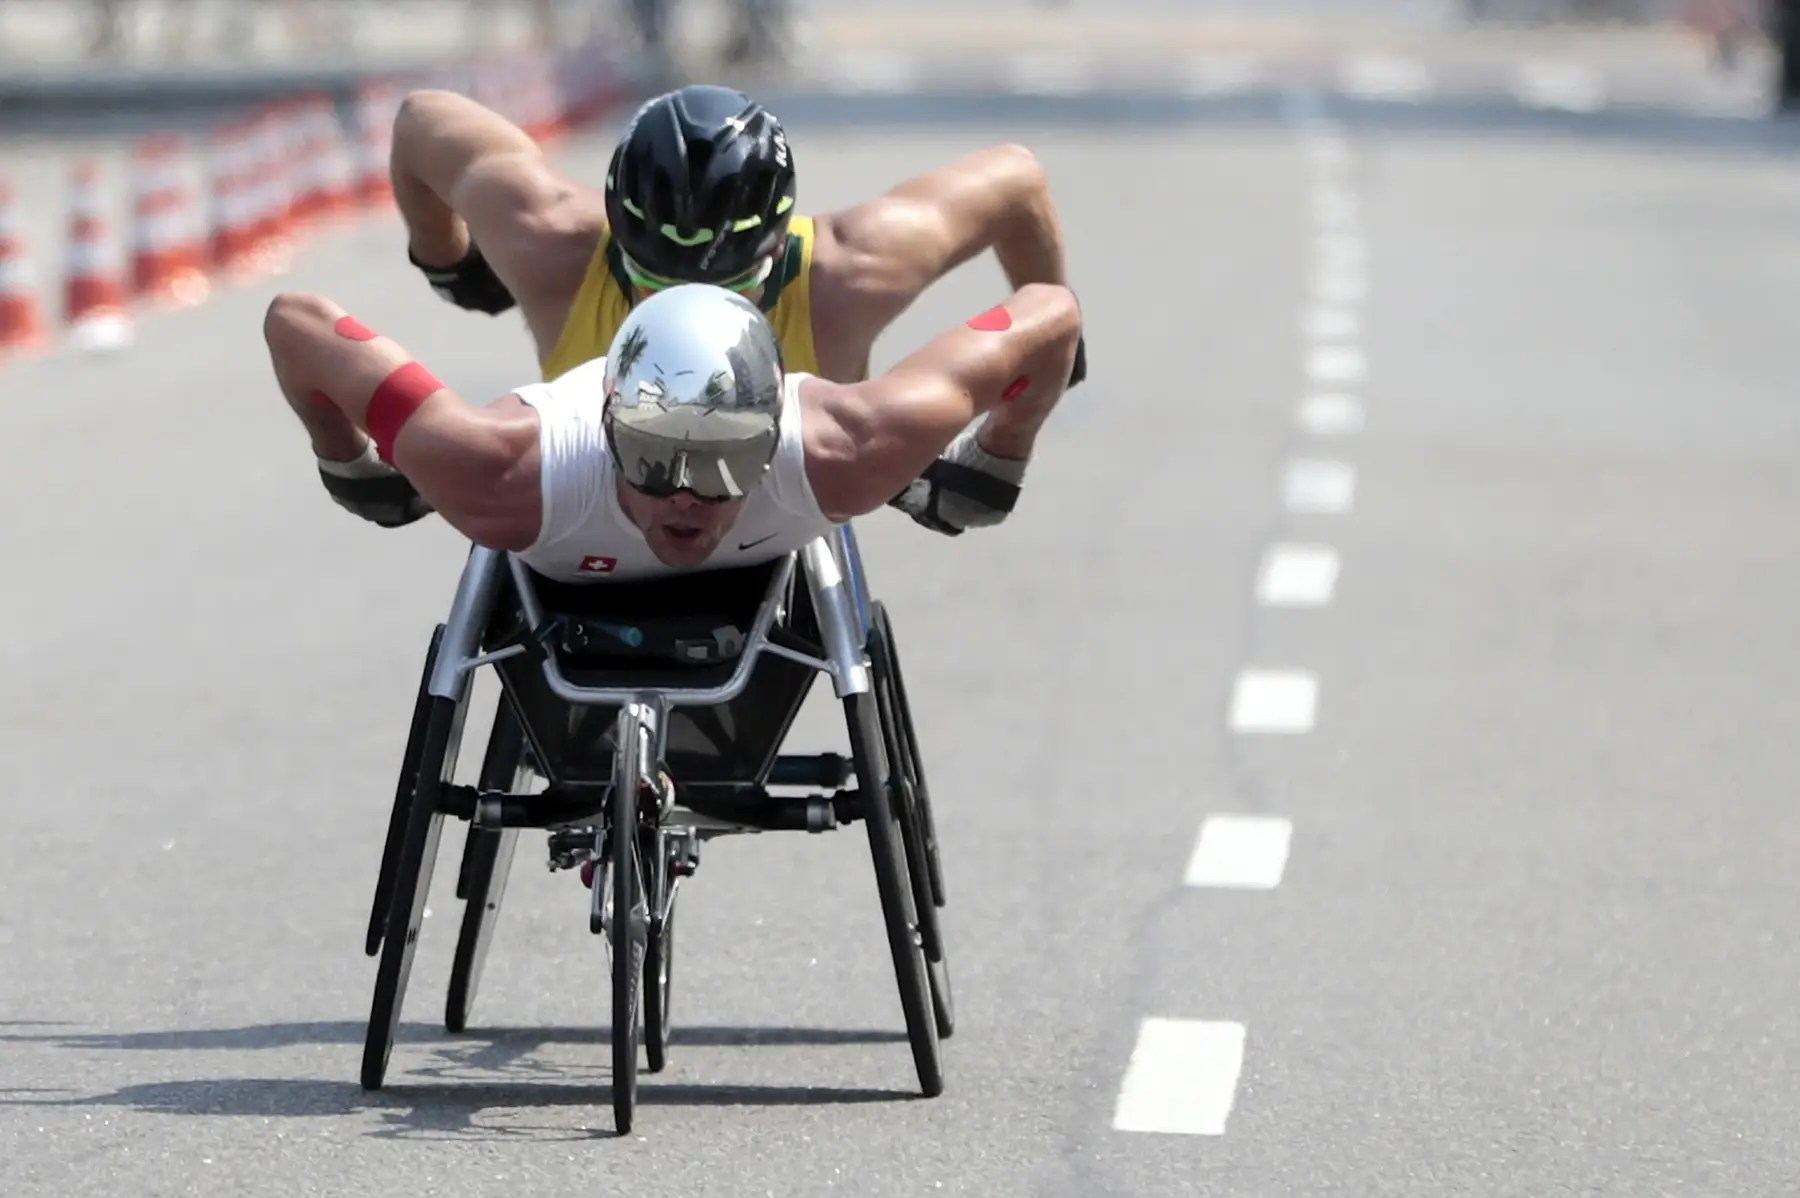 Dos corredores compiten en la maratón en silla de ruedas.